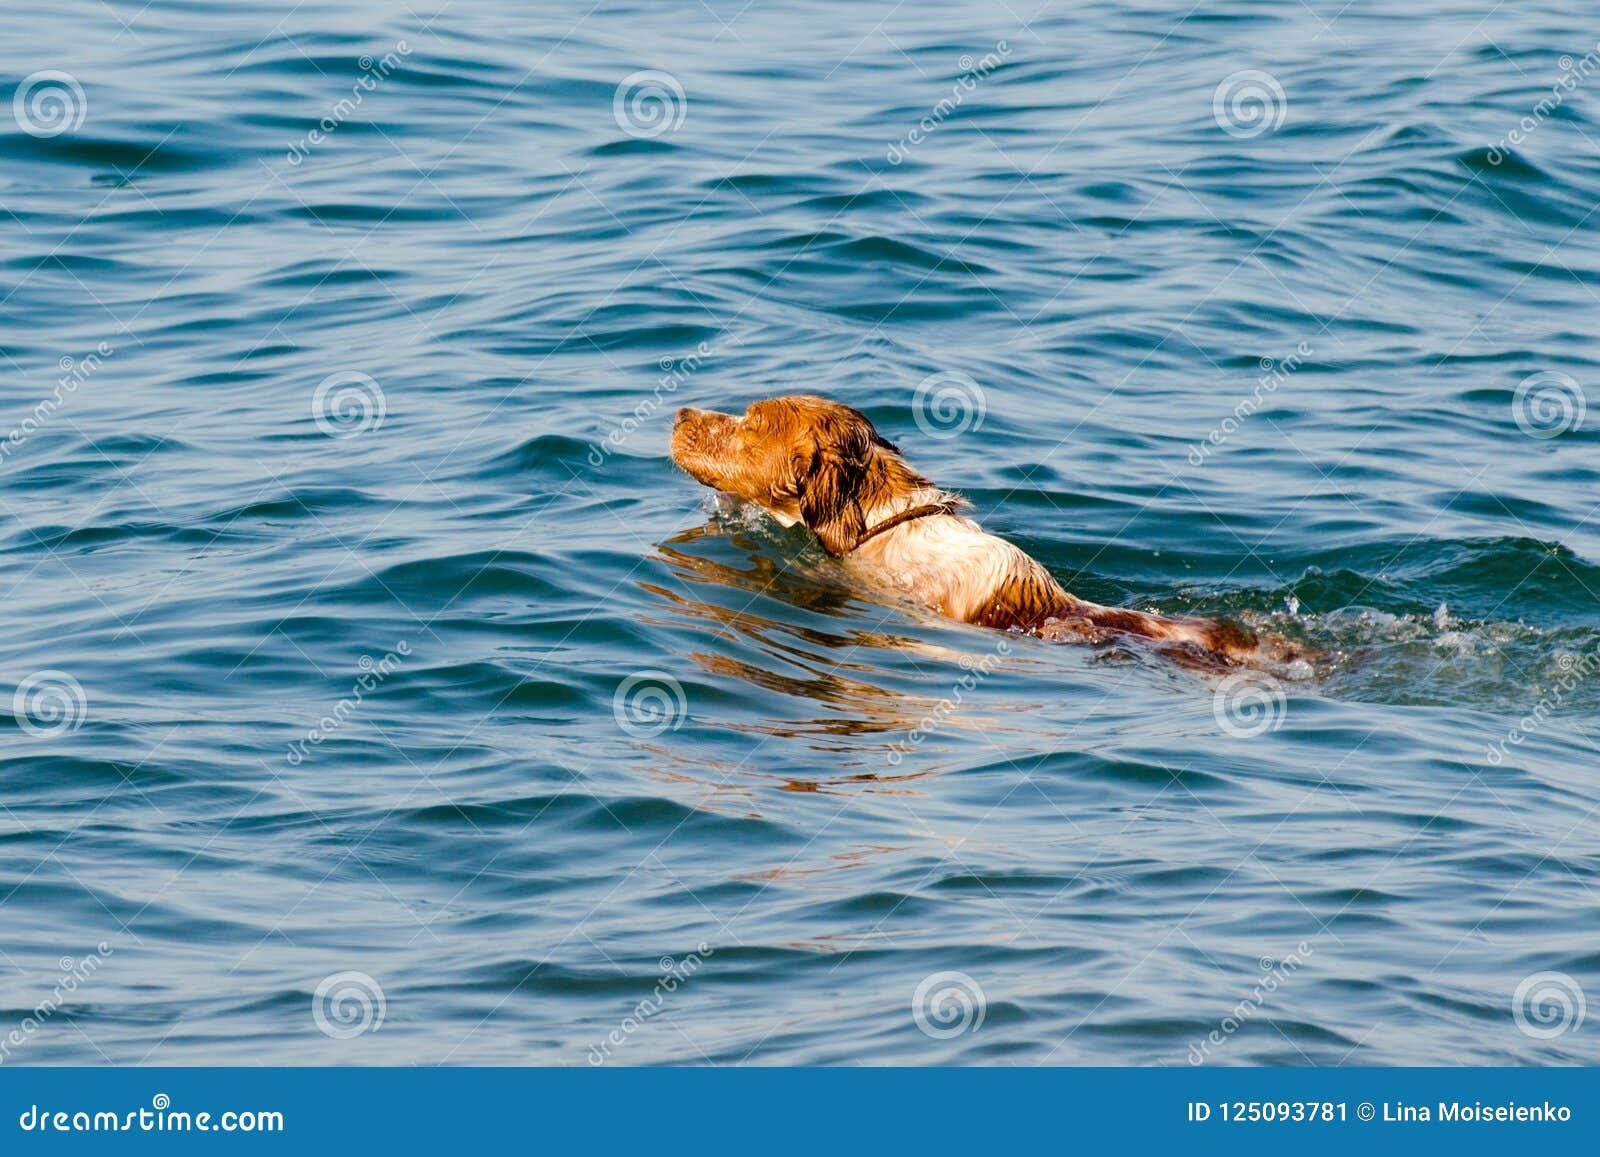 Miedzianowłosy pies pływa w wodzie morskiej